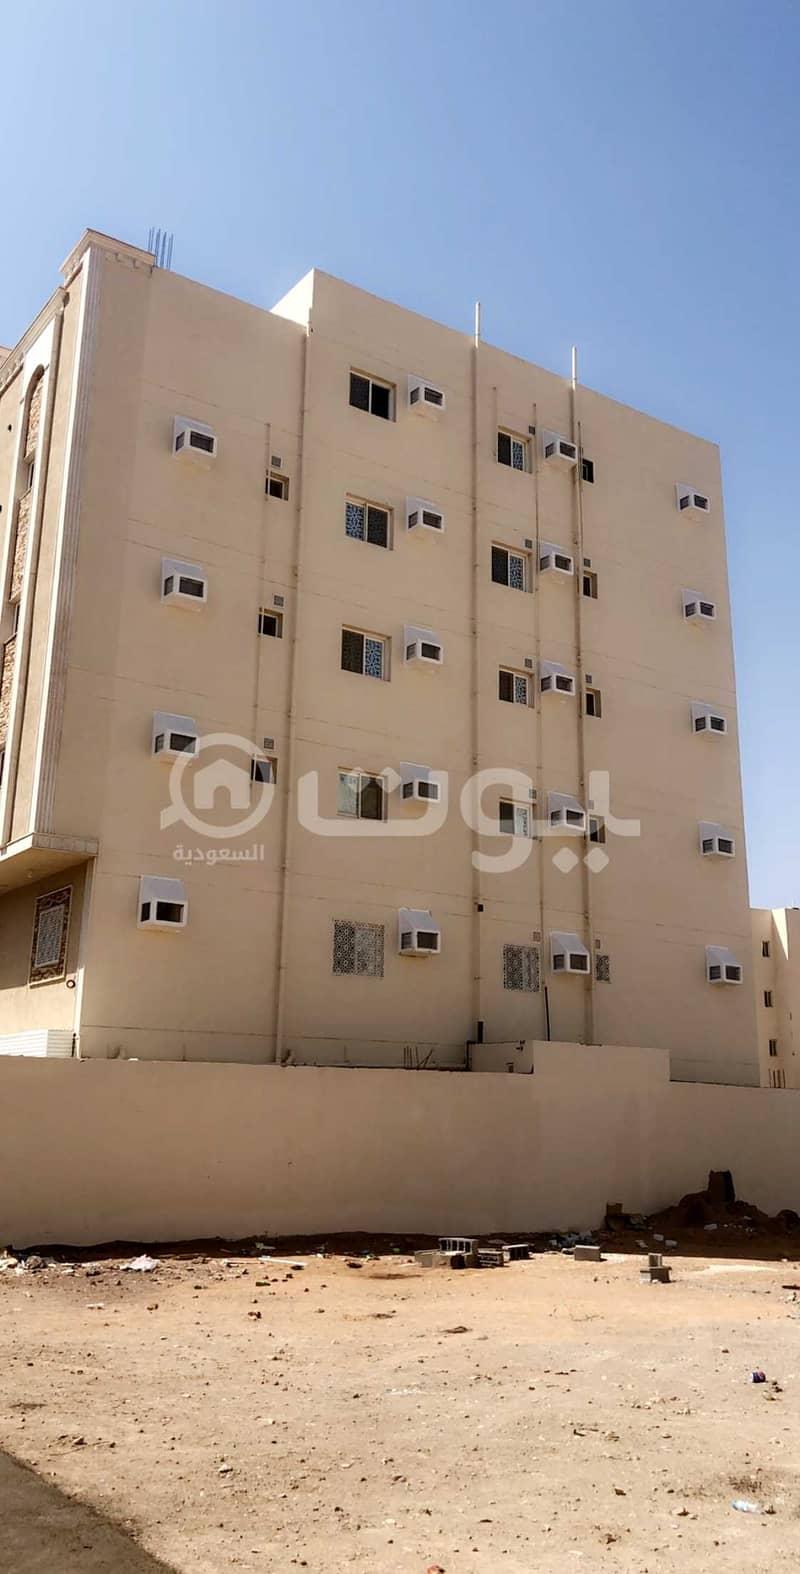 عمارة سكنية للبيع بحي الظاهرة، المدينة المنورة